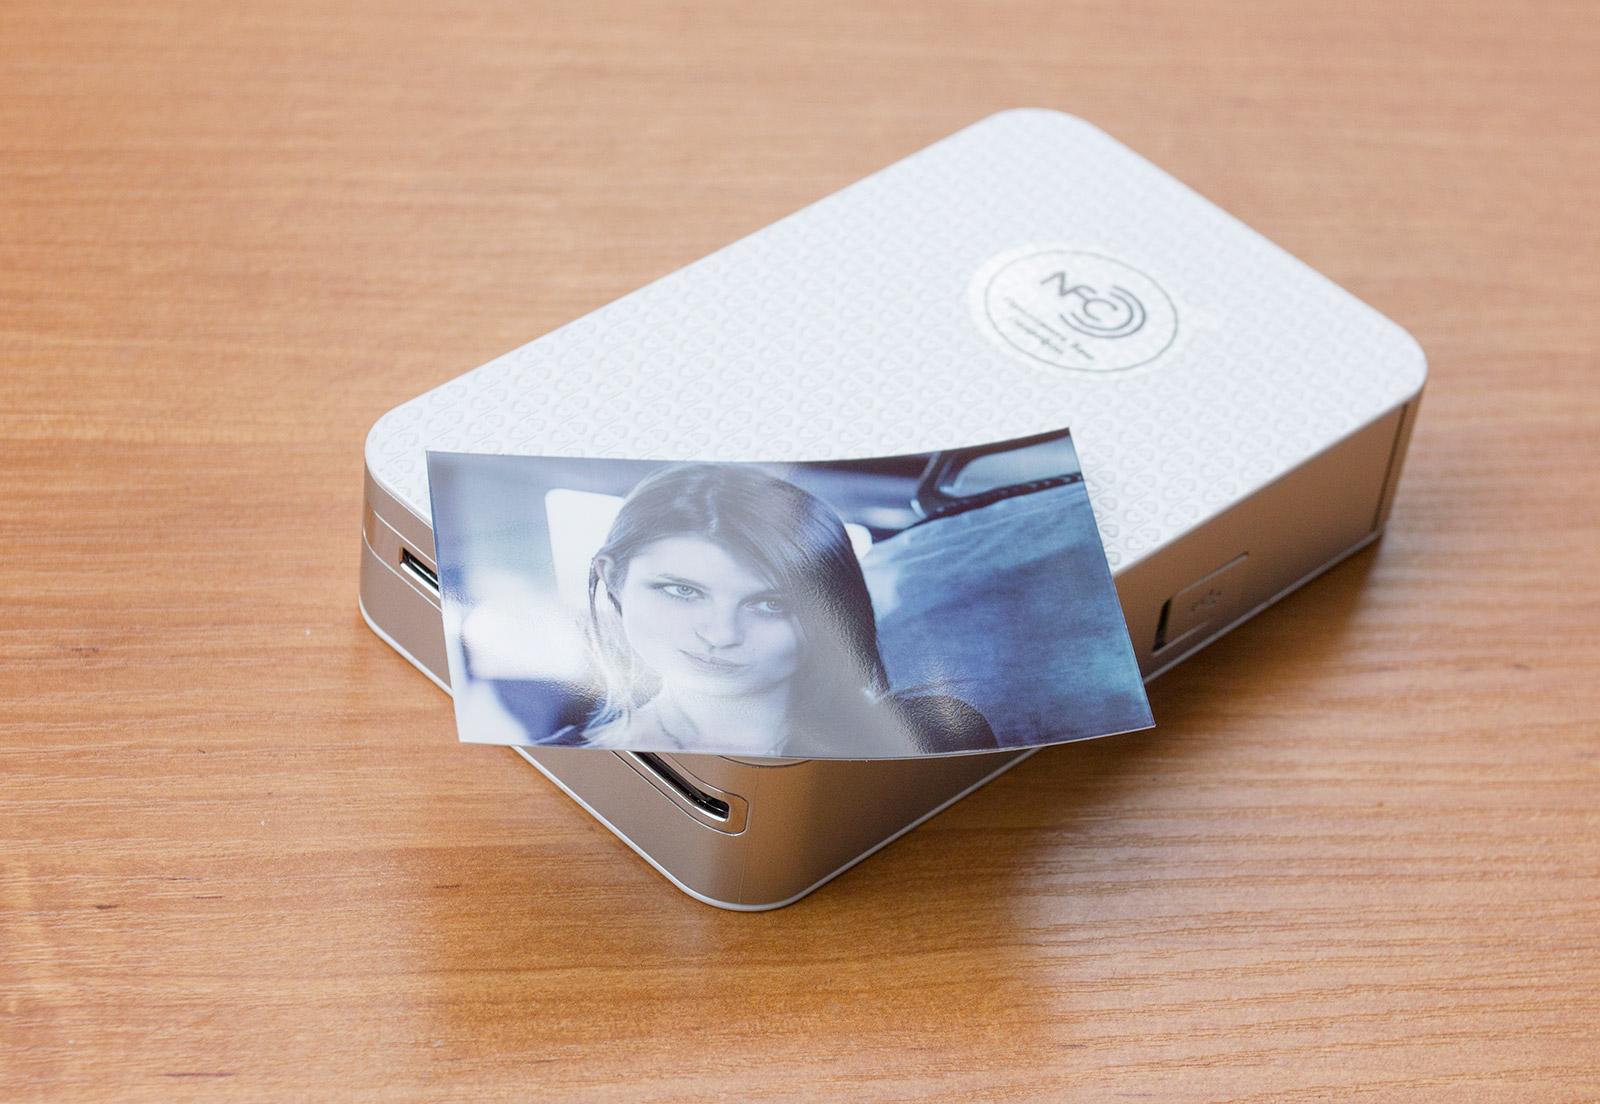 карманный принтер фото с телефона работа